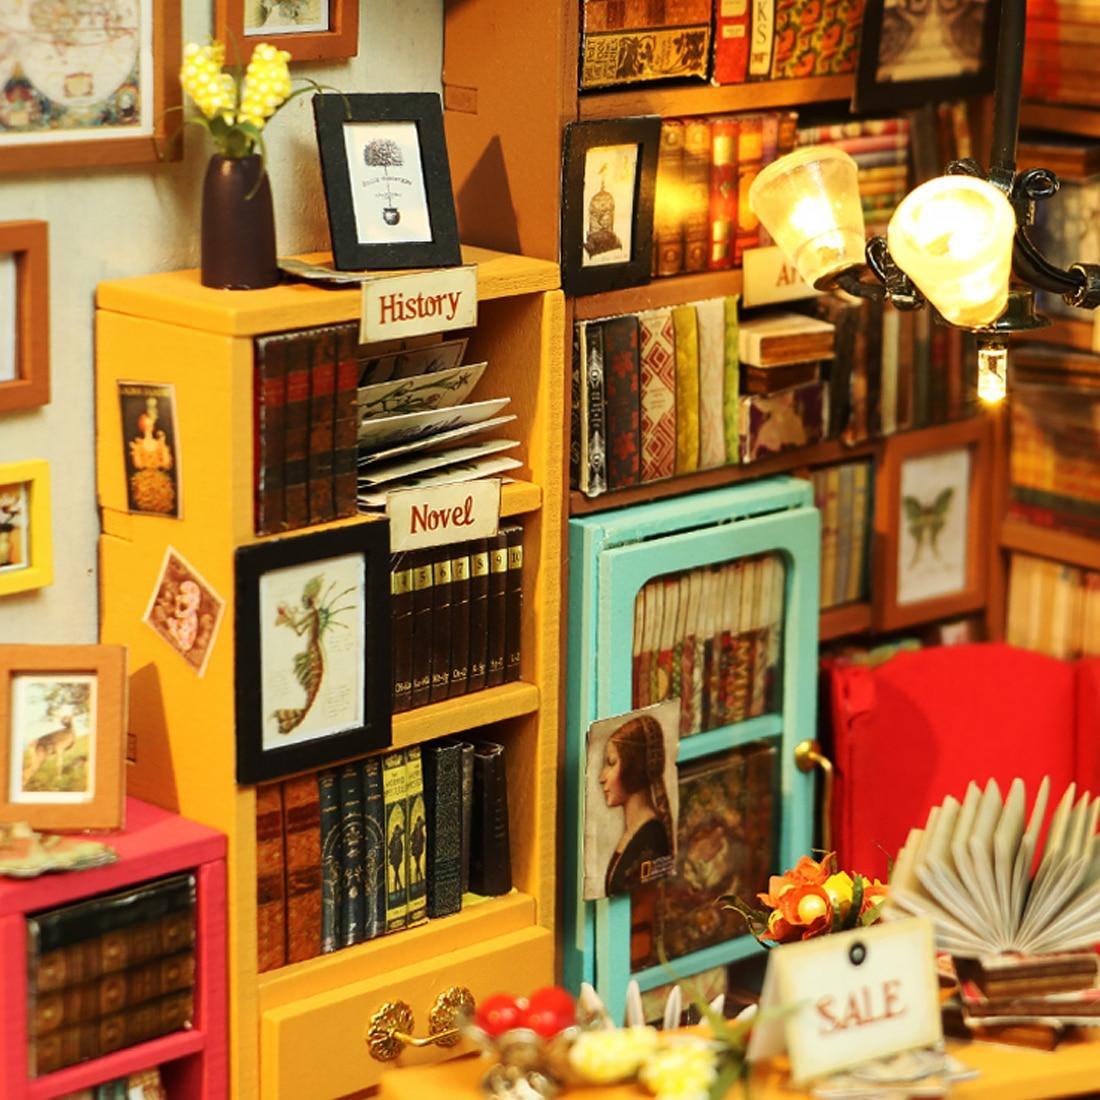 Robotime DIY ручной работы кукольный домик для учебы в западном стиле книжный магазин ручной сборки с светодиодный стебель игрушки для домашнего...